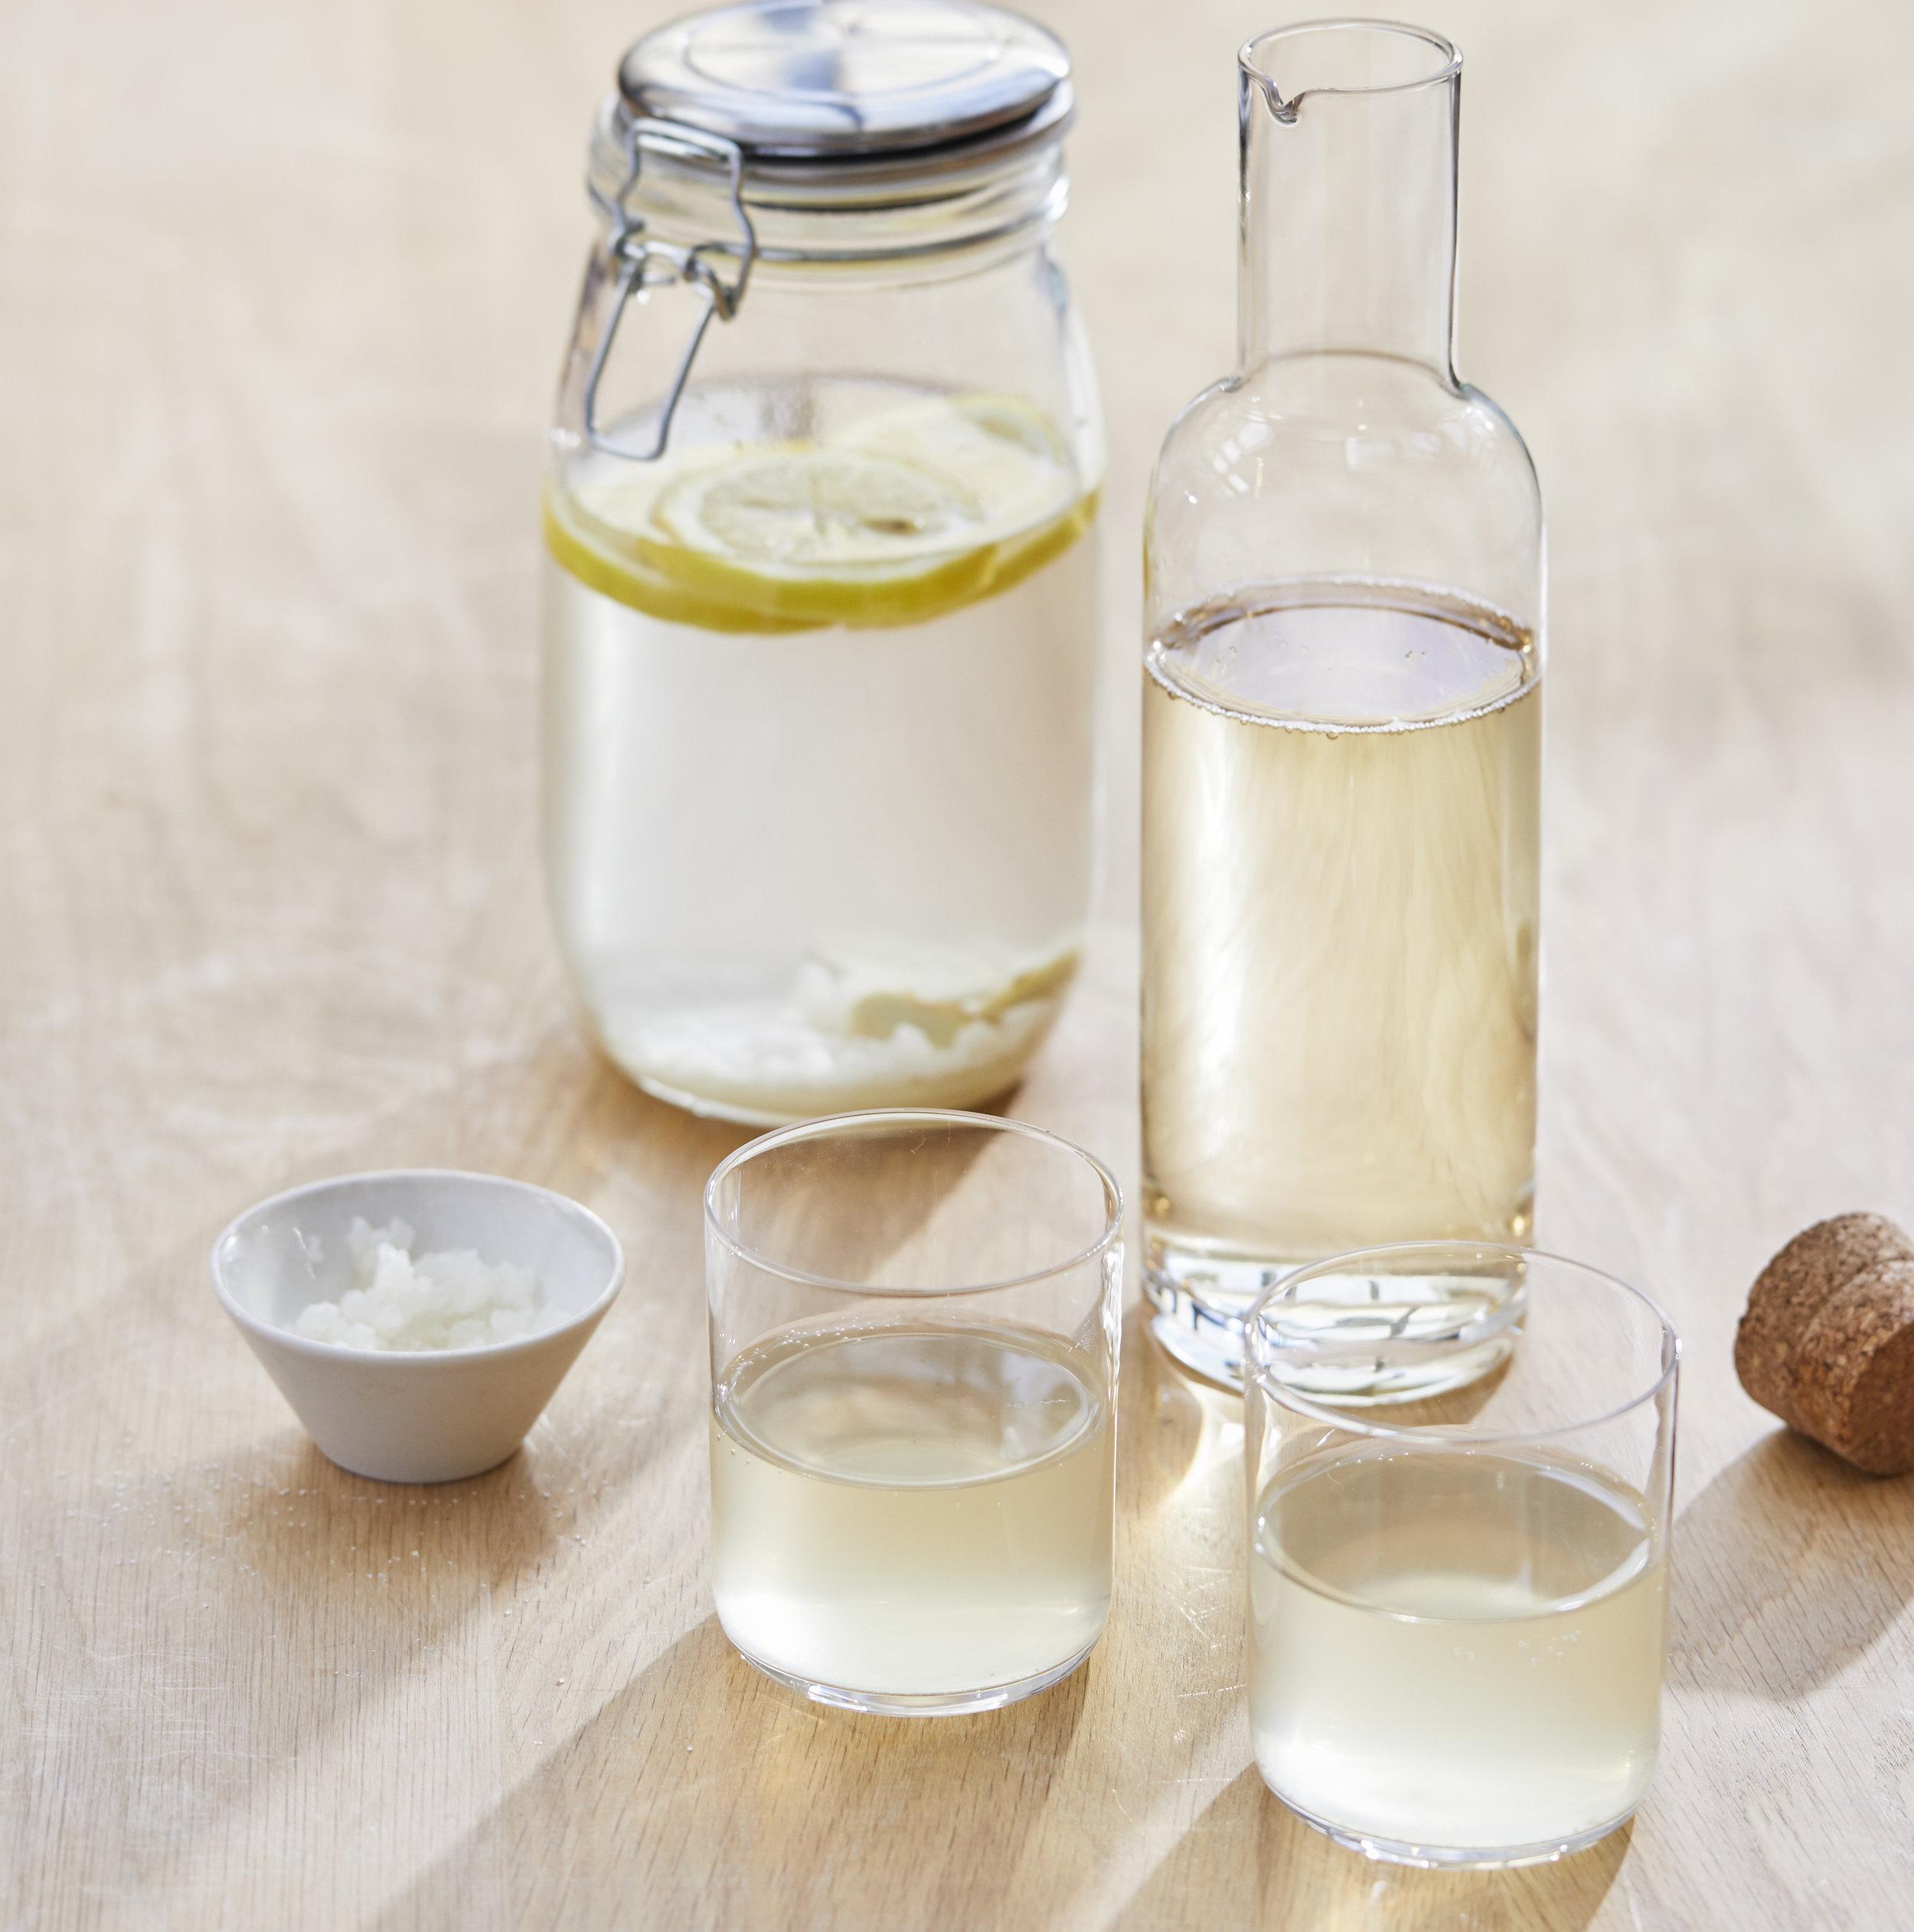 Etape 3 - Filtrer les fruits et les grains de kéfié avec la passoire.Verser le liquide dans la bouteille.